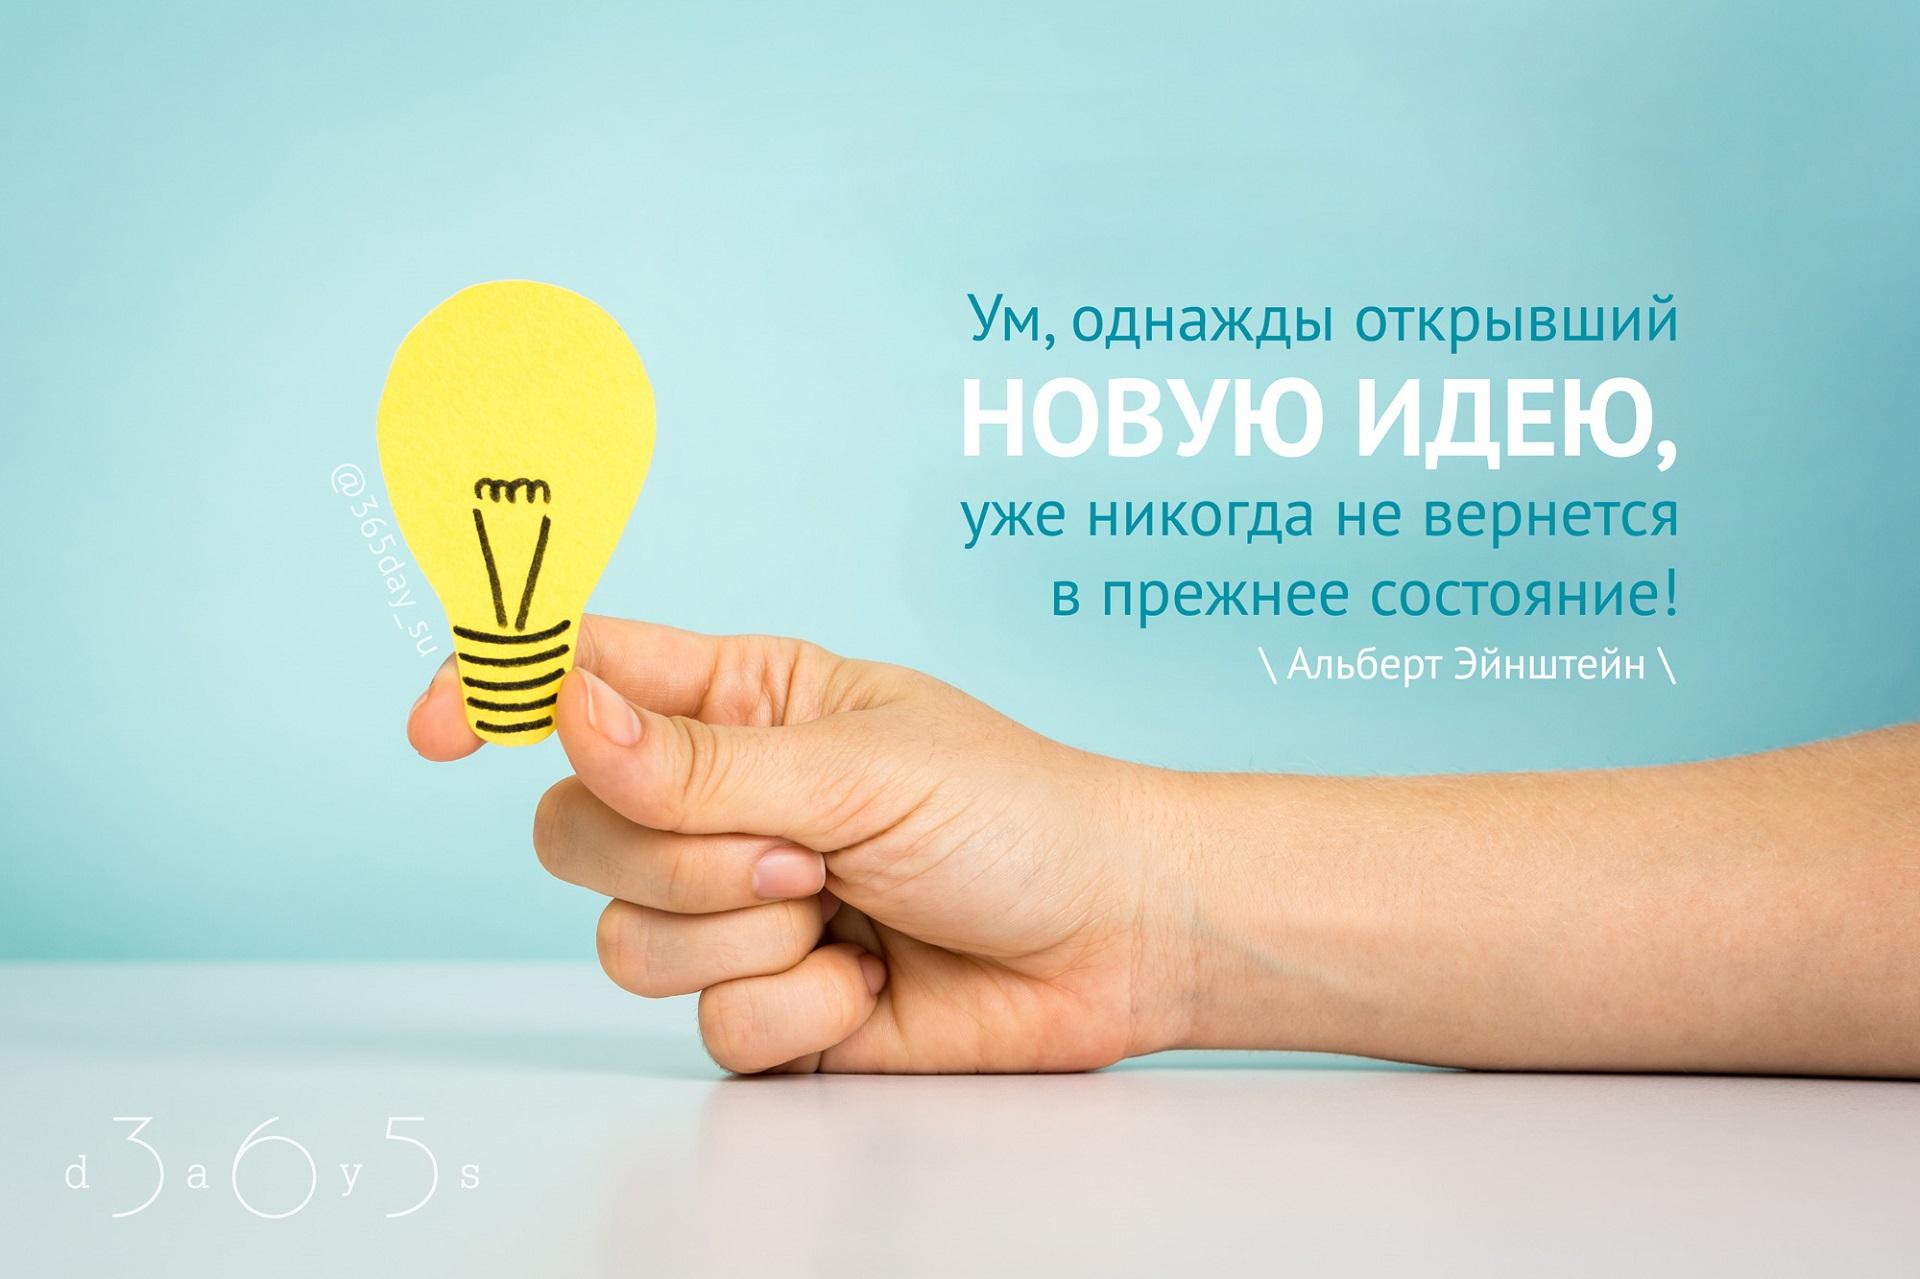 Ум, однажды открывший новую идею, Альберт Эйнштейн, Бочонок Мёда для Сердца